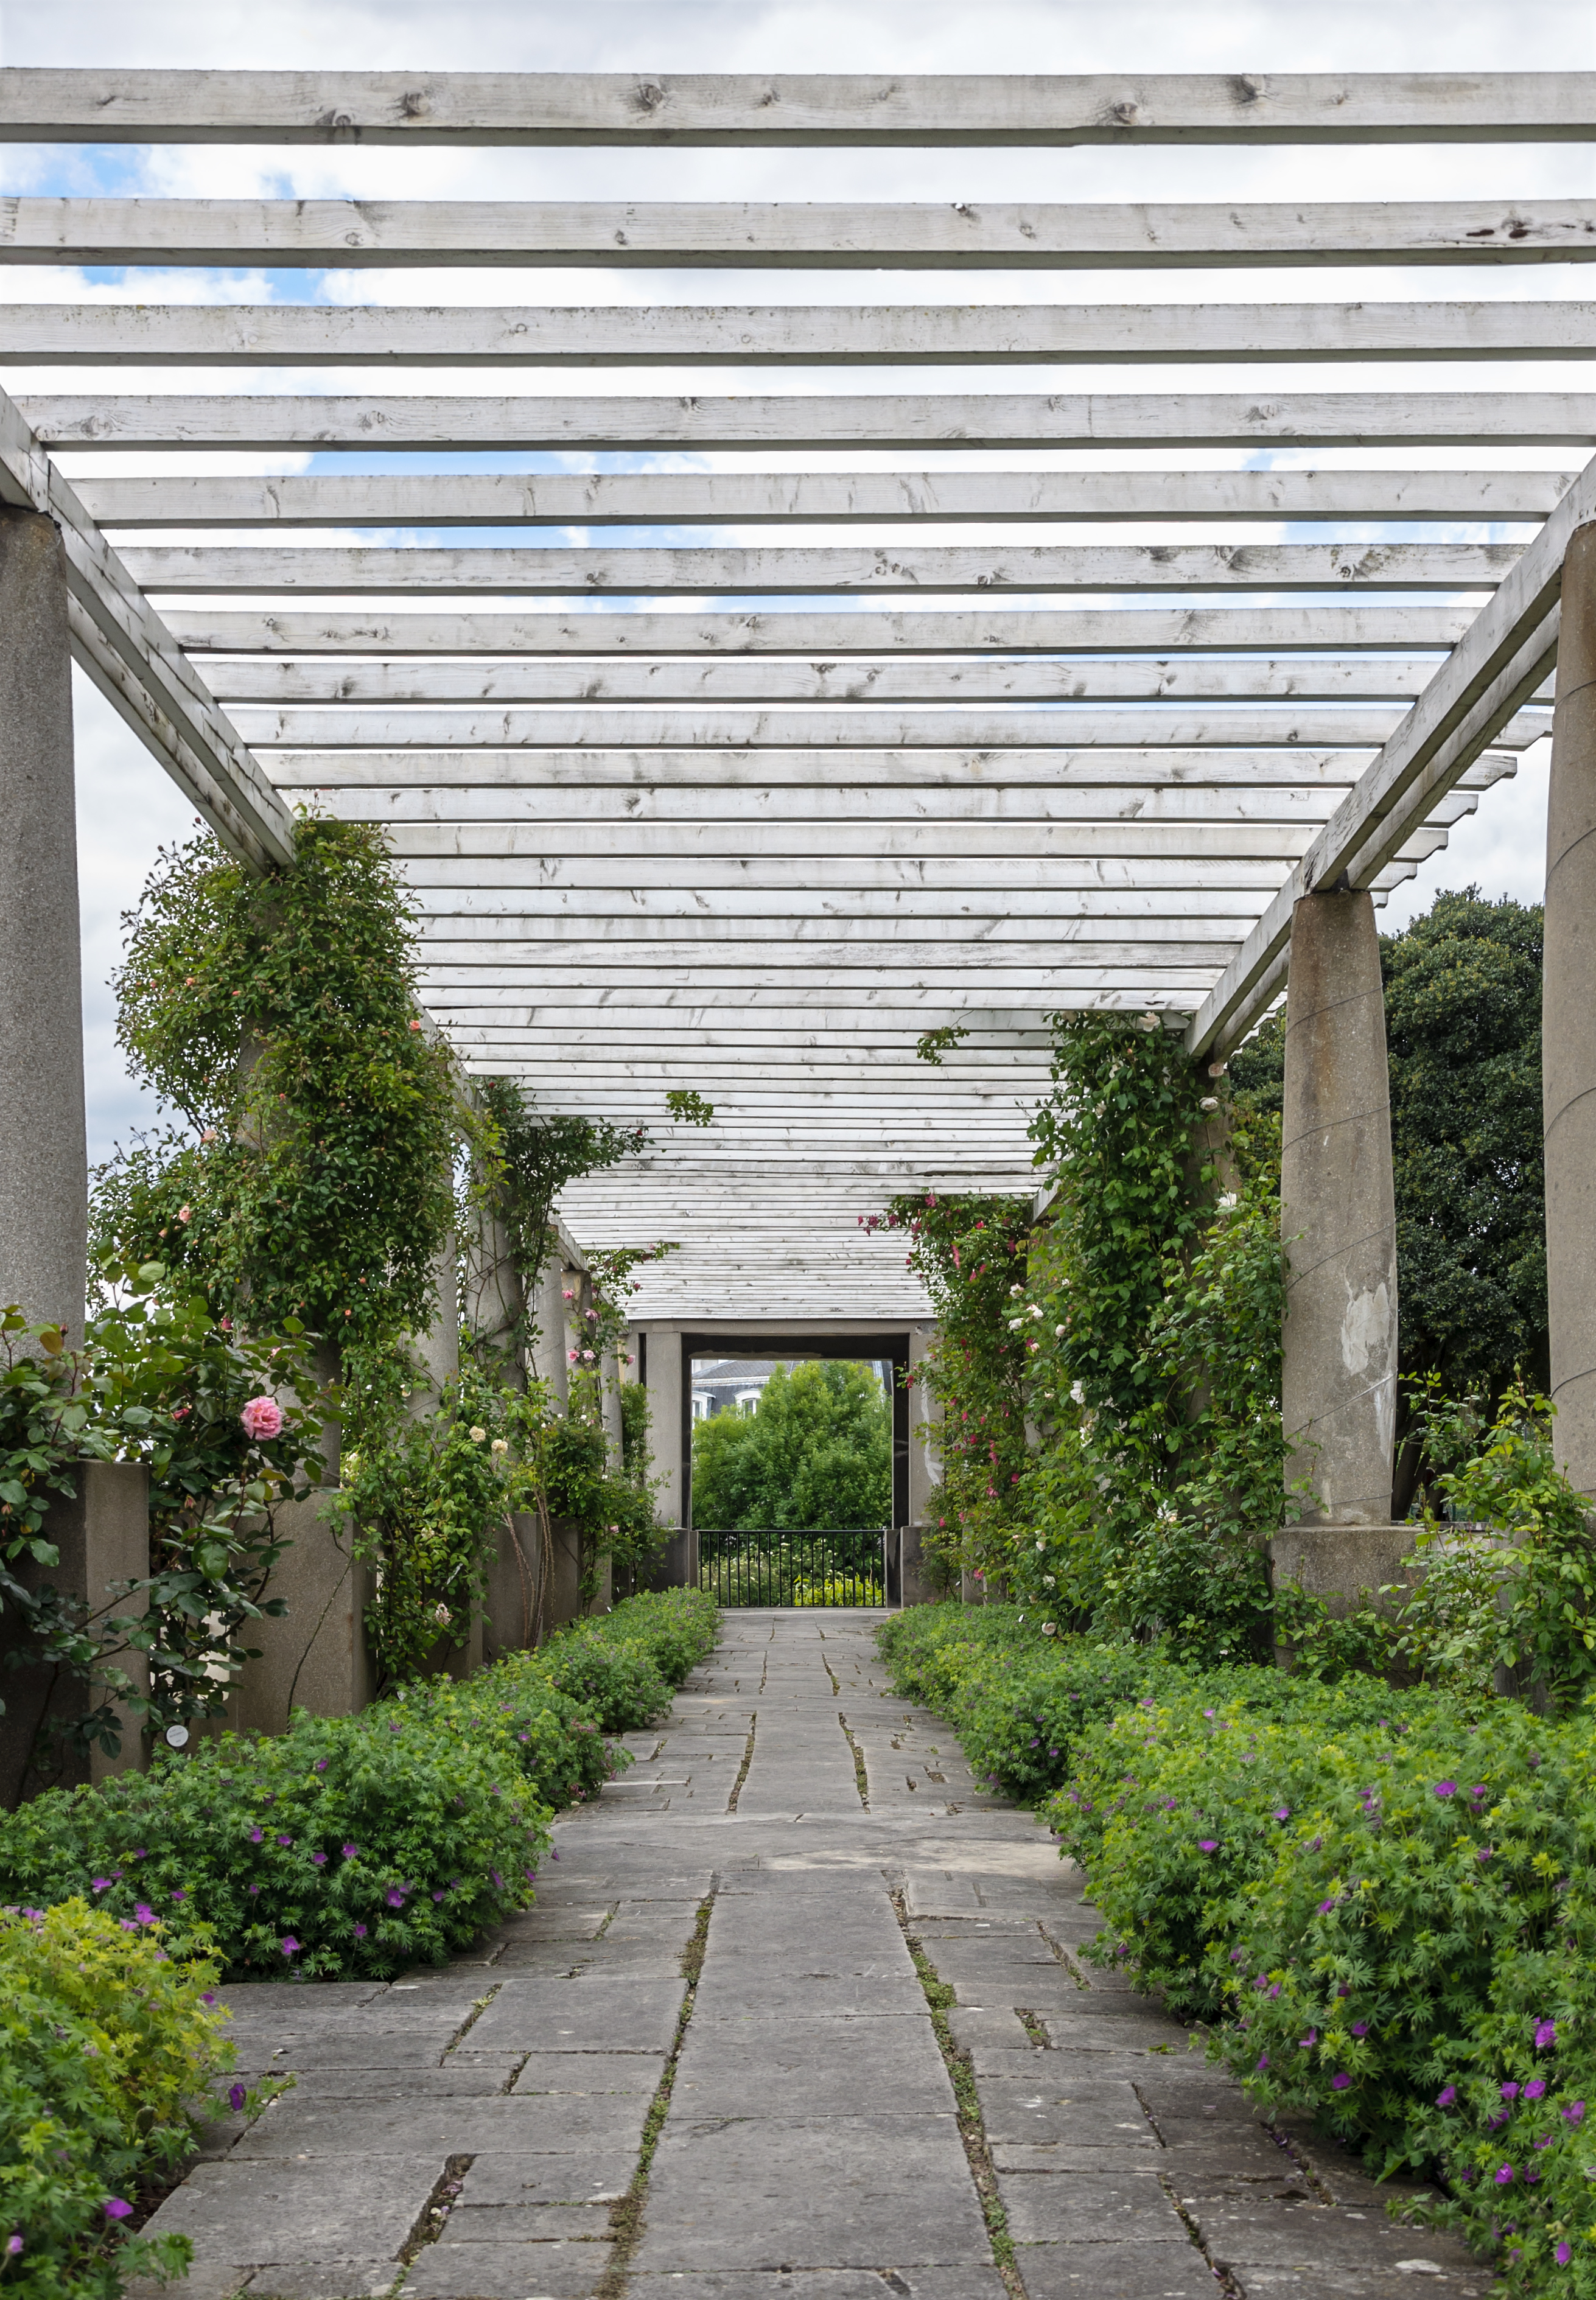 Pergola jardin carrefour samling av de senaste - Pergolas baratas carrefour ...